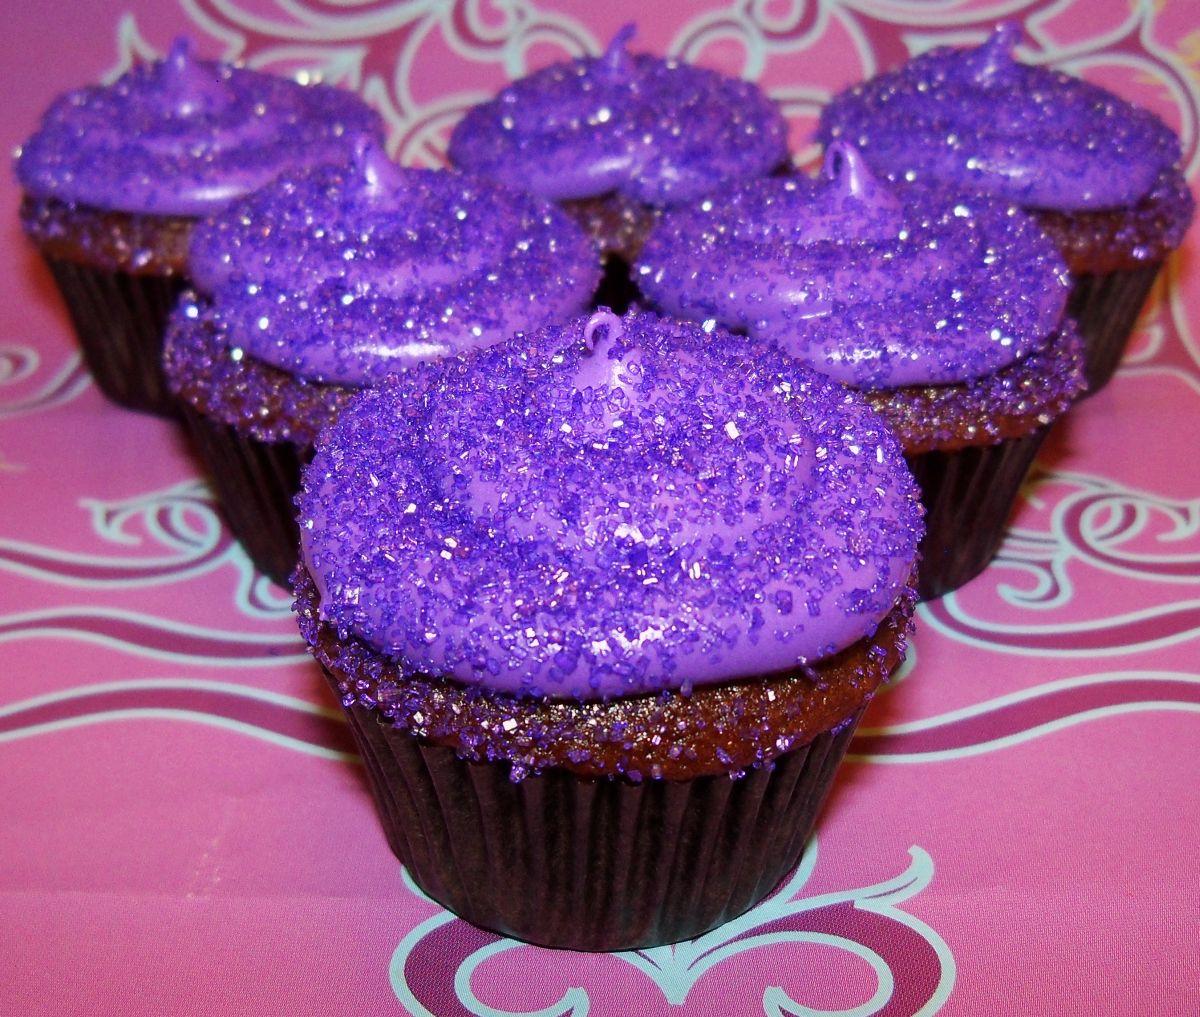 Cupcake Delivery Dallas | Birthday, Wedding Cupcakes ...